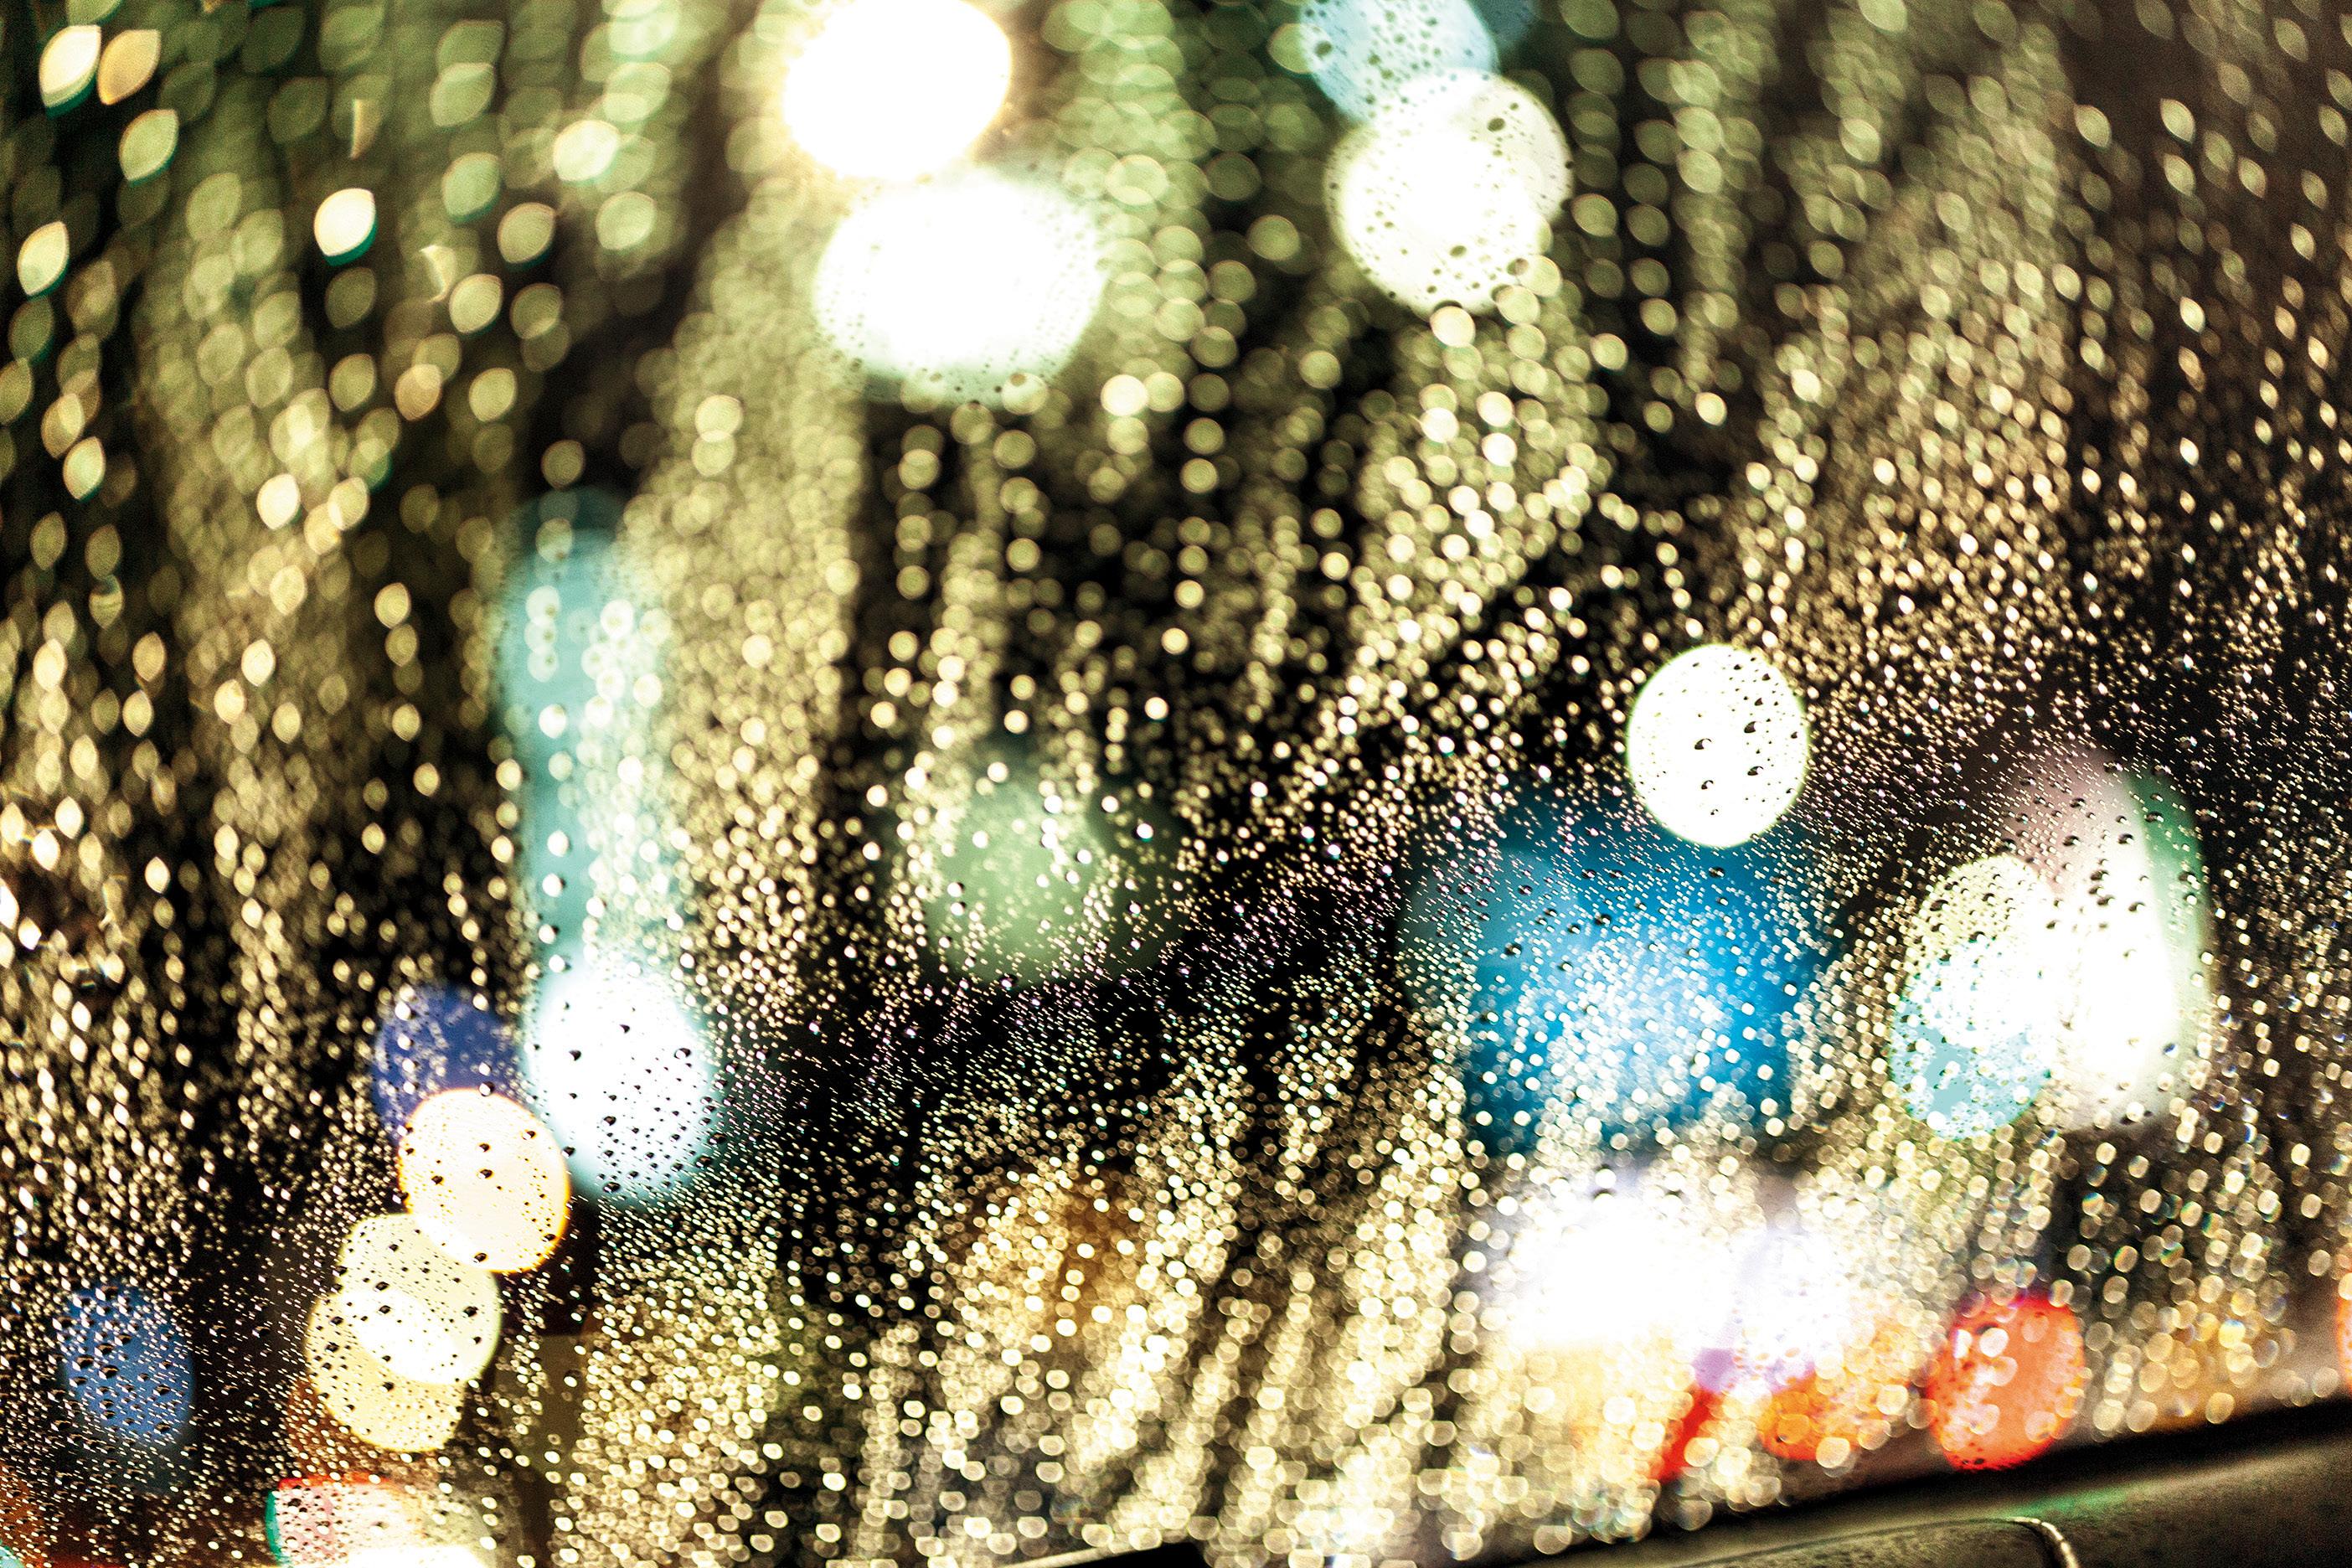 フロントガラスについた「雨粒」を光に透かして感情を表現する